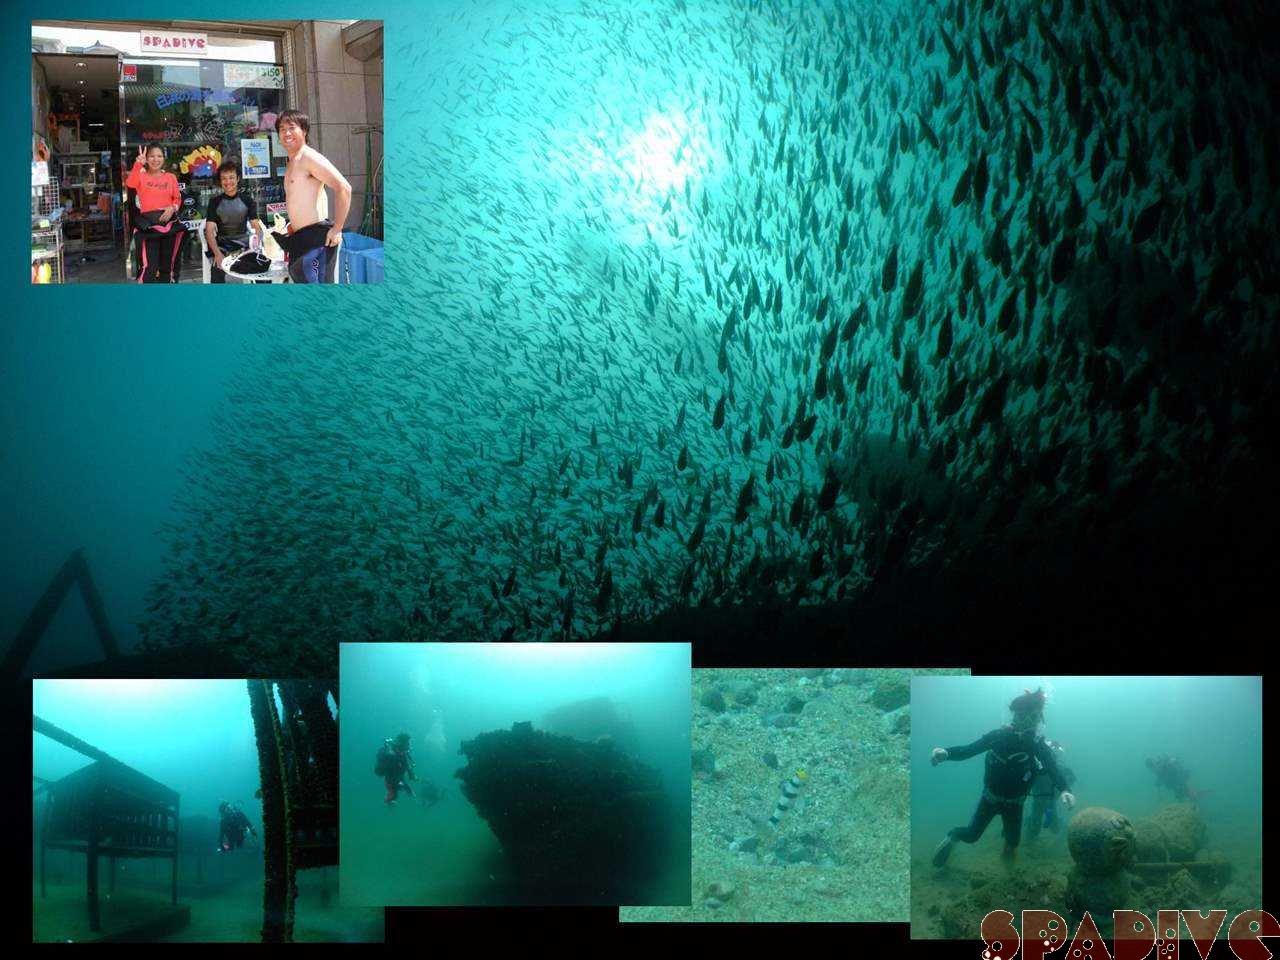 沈船ボートファンダイブ|OWDライセンス取得スクール|9/10/2008